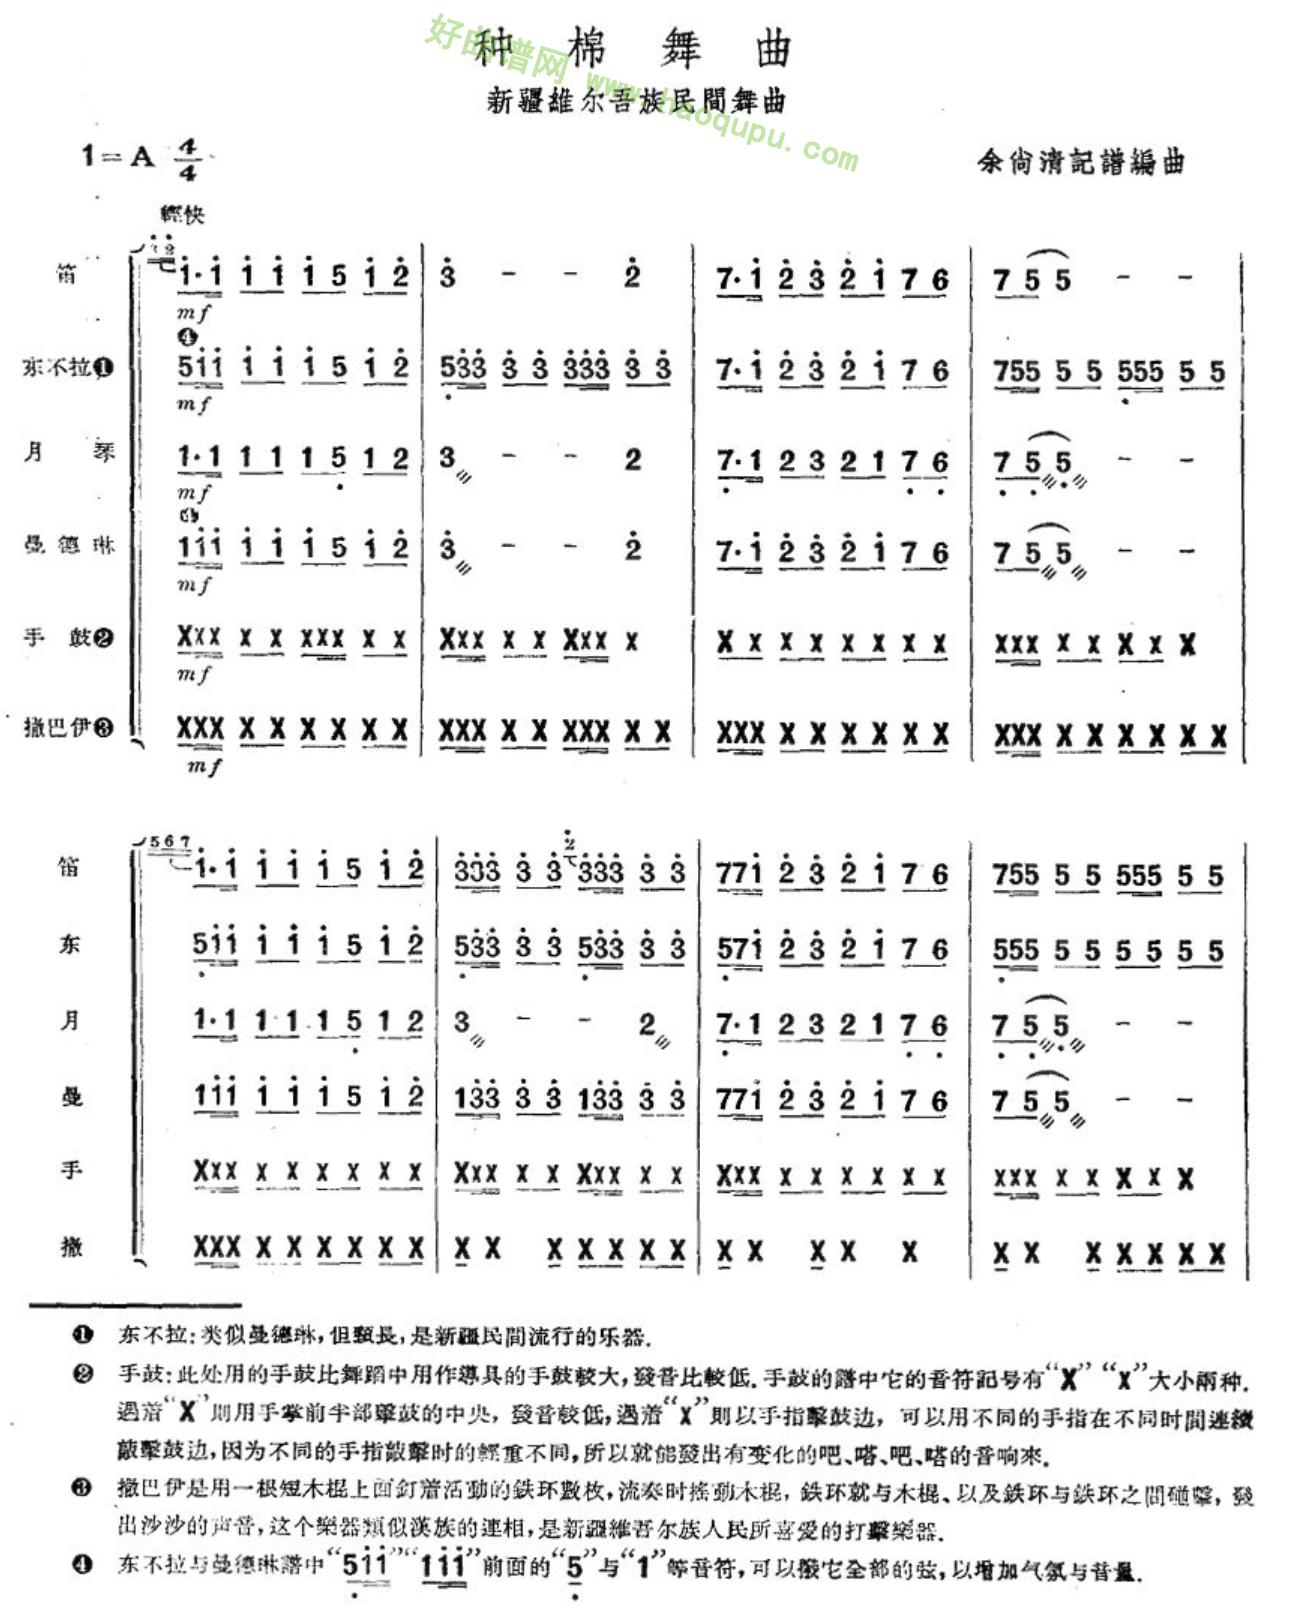 《种棉舞曲》(1)管乐总谱第1张